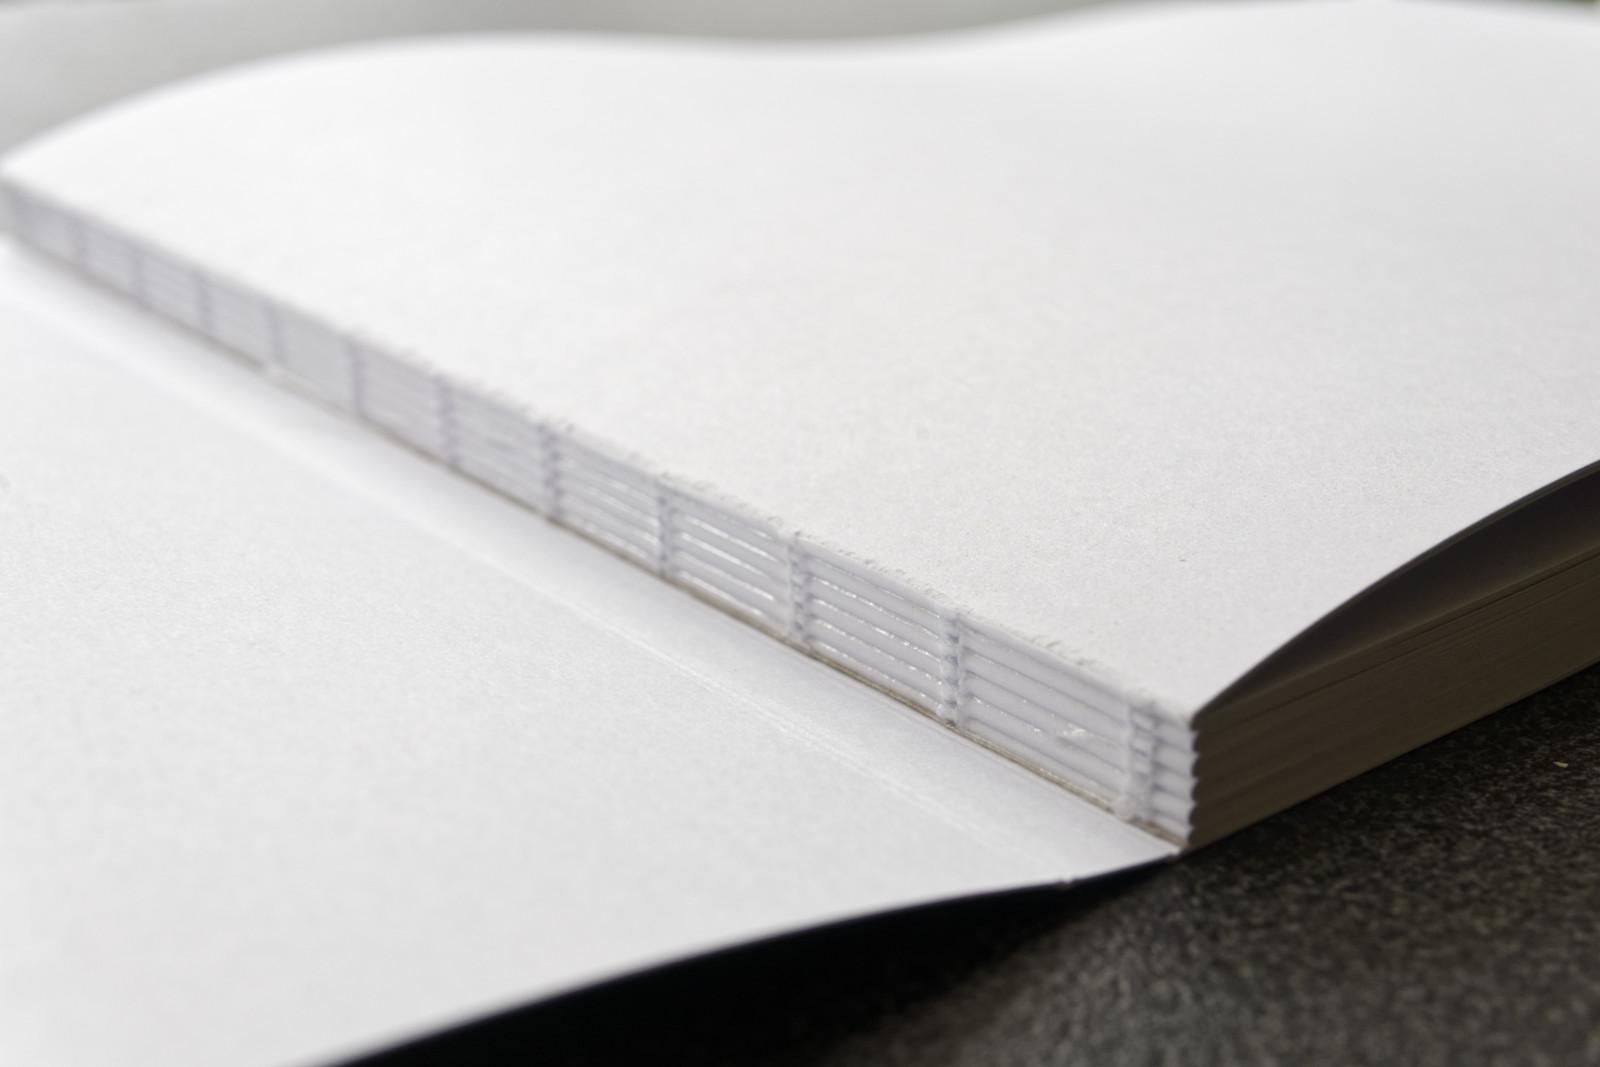 Zwitserse binding